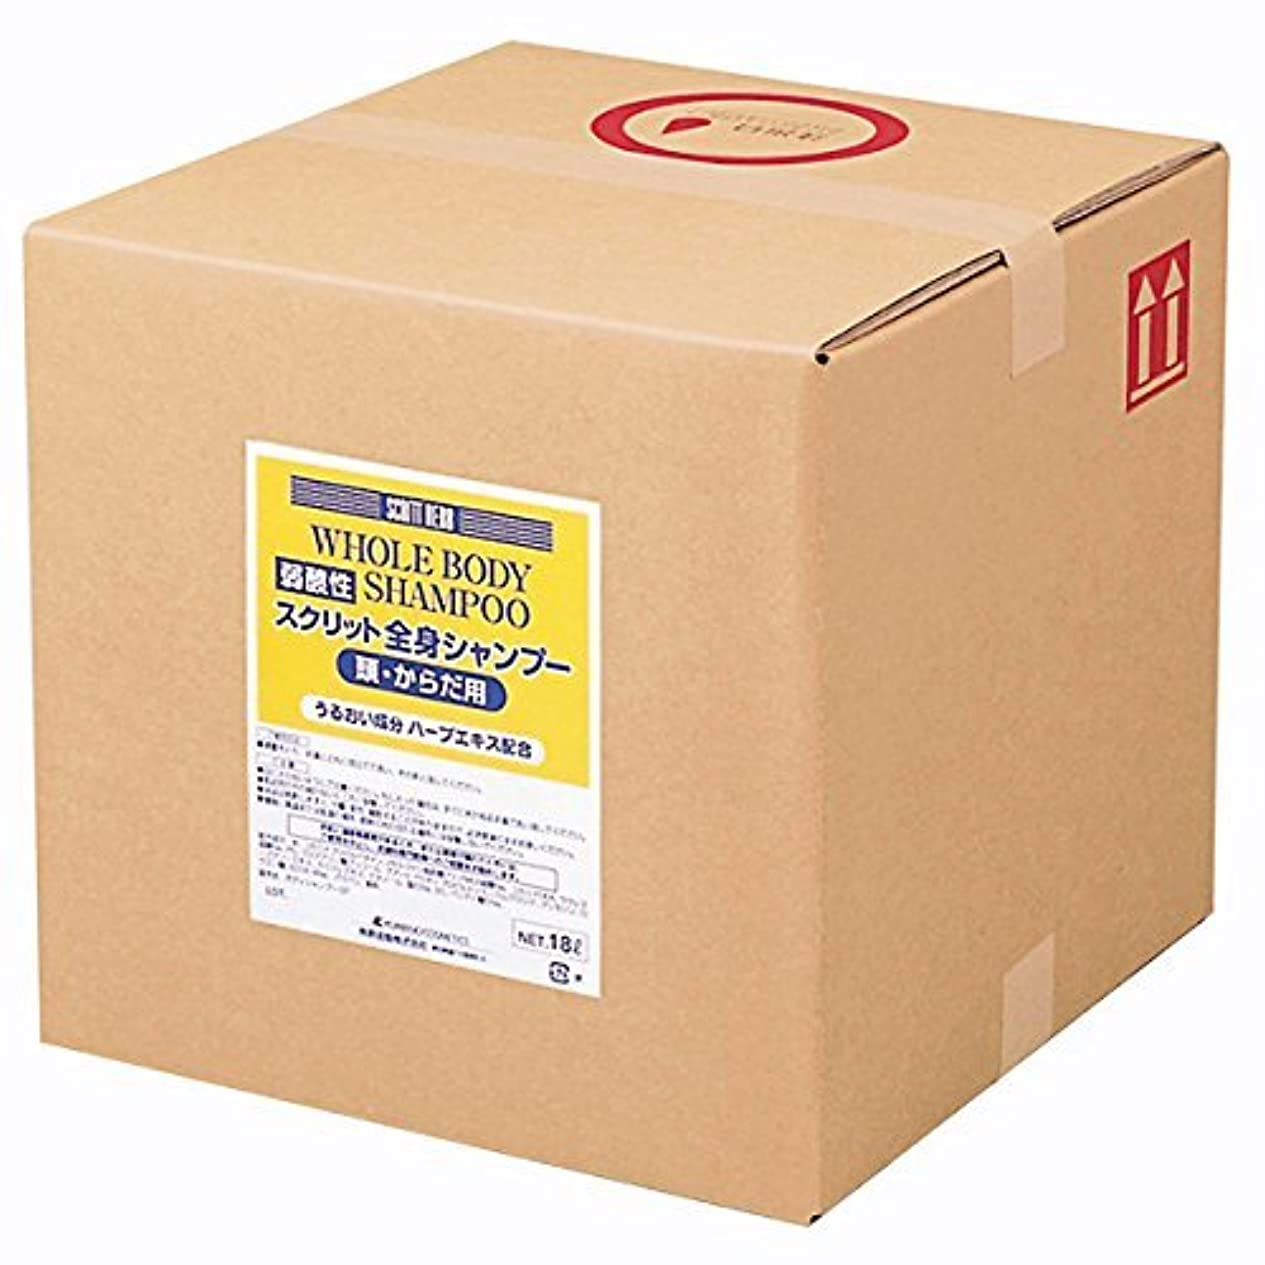 コック雄弁なパンフレット熊野油脂 業務用 SCRITT(スクリット) 全身シャンプー 18L